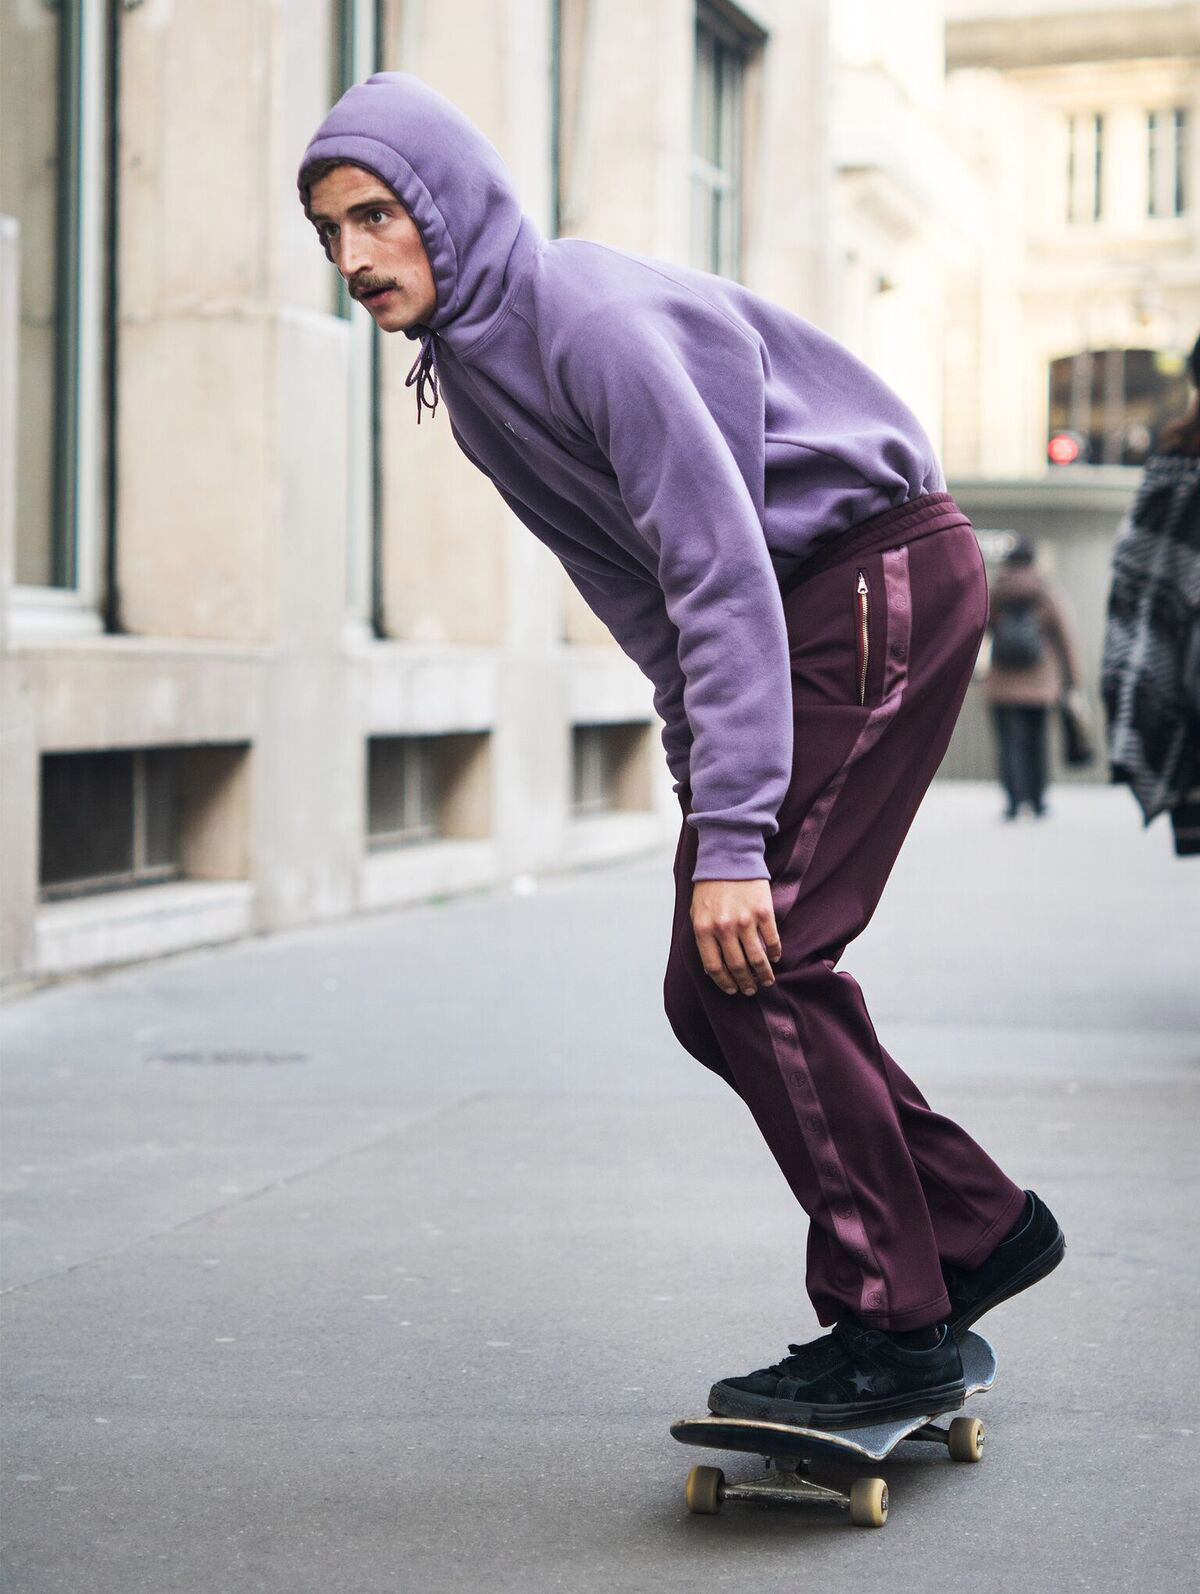 polar-skate-co-tres-bien-bonkers-blog-01